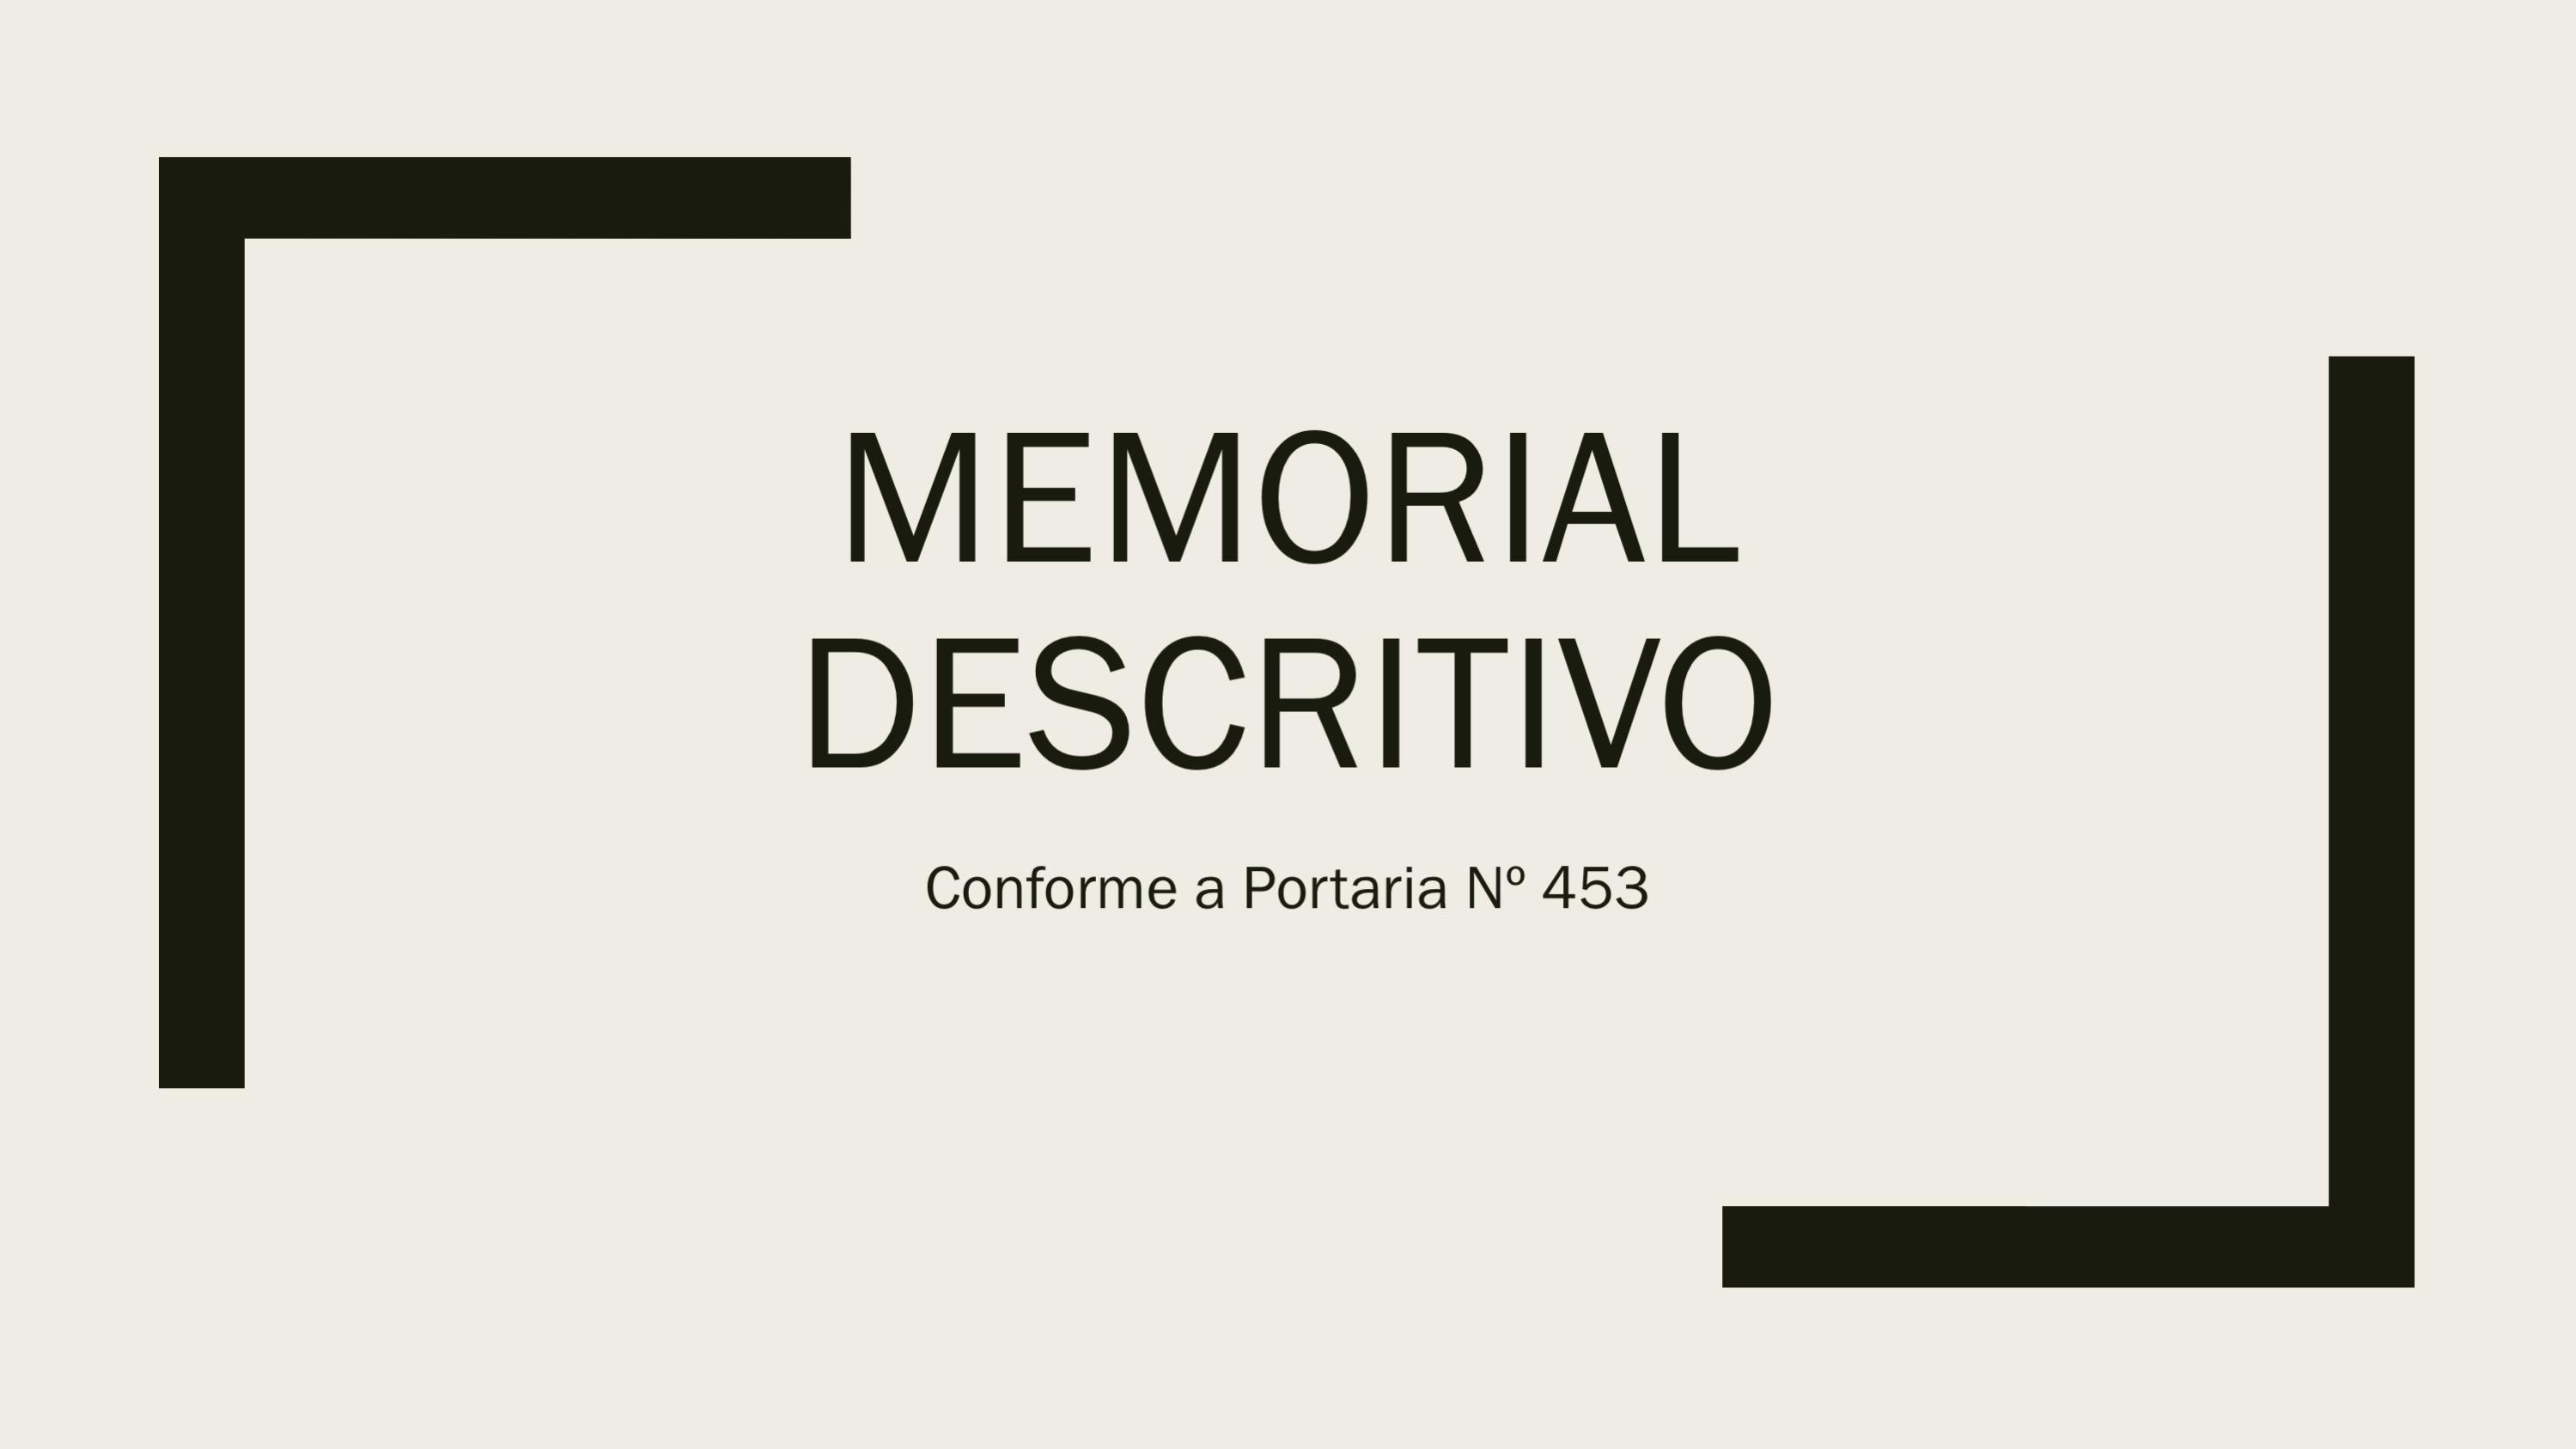 Memorial Descritivo do Protetor Auricular para Ensaio